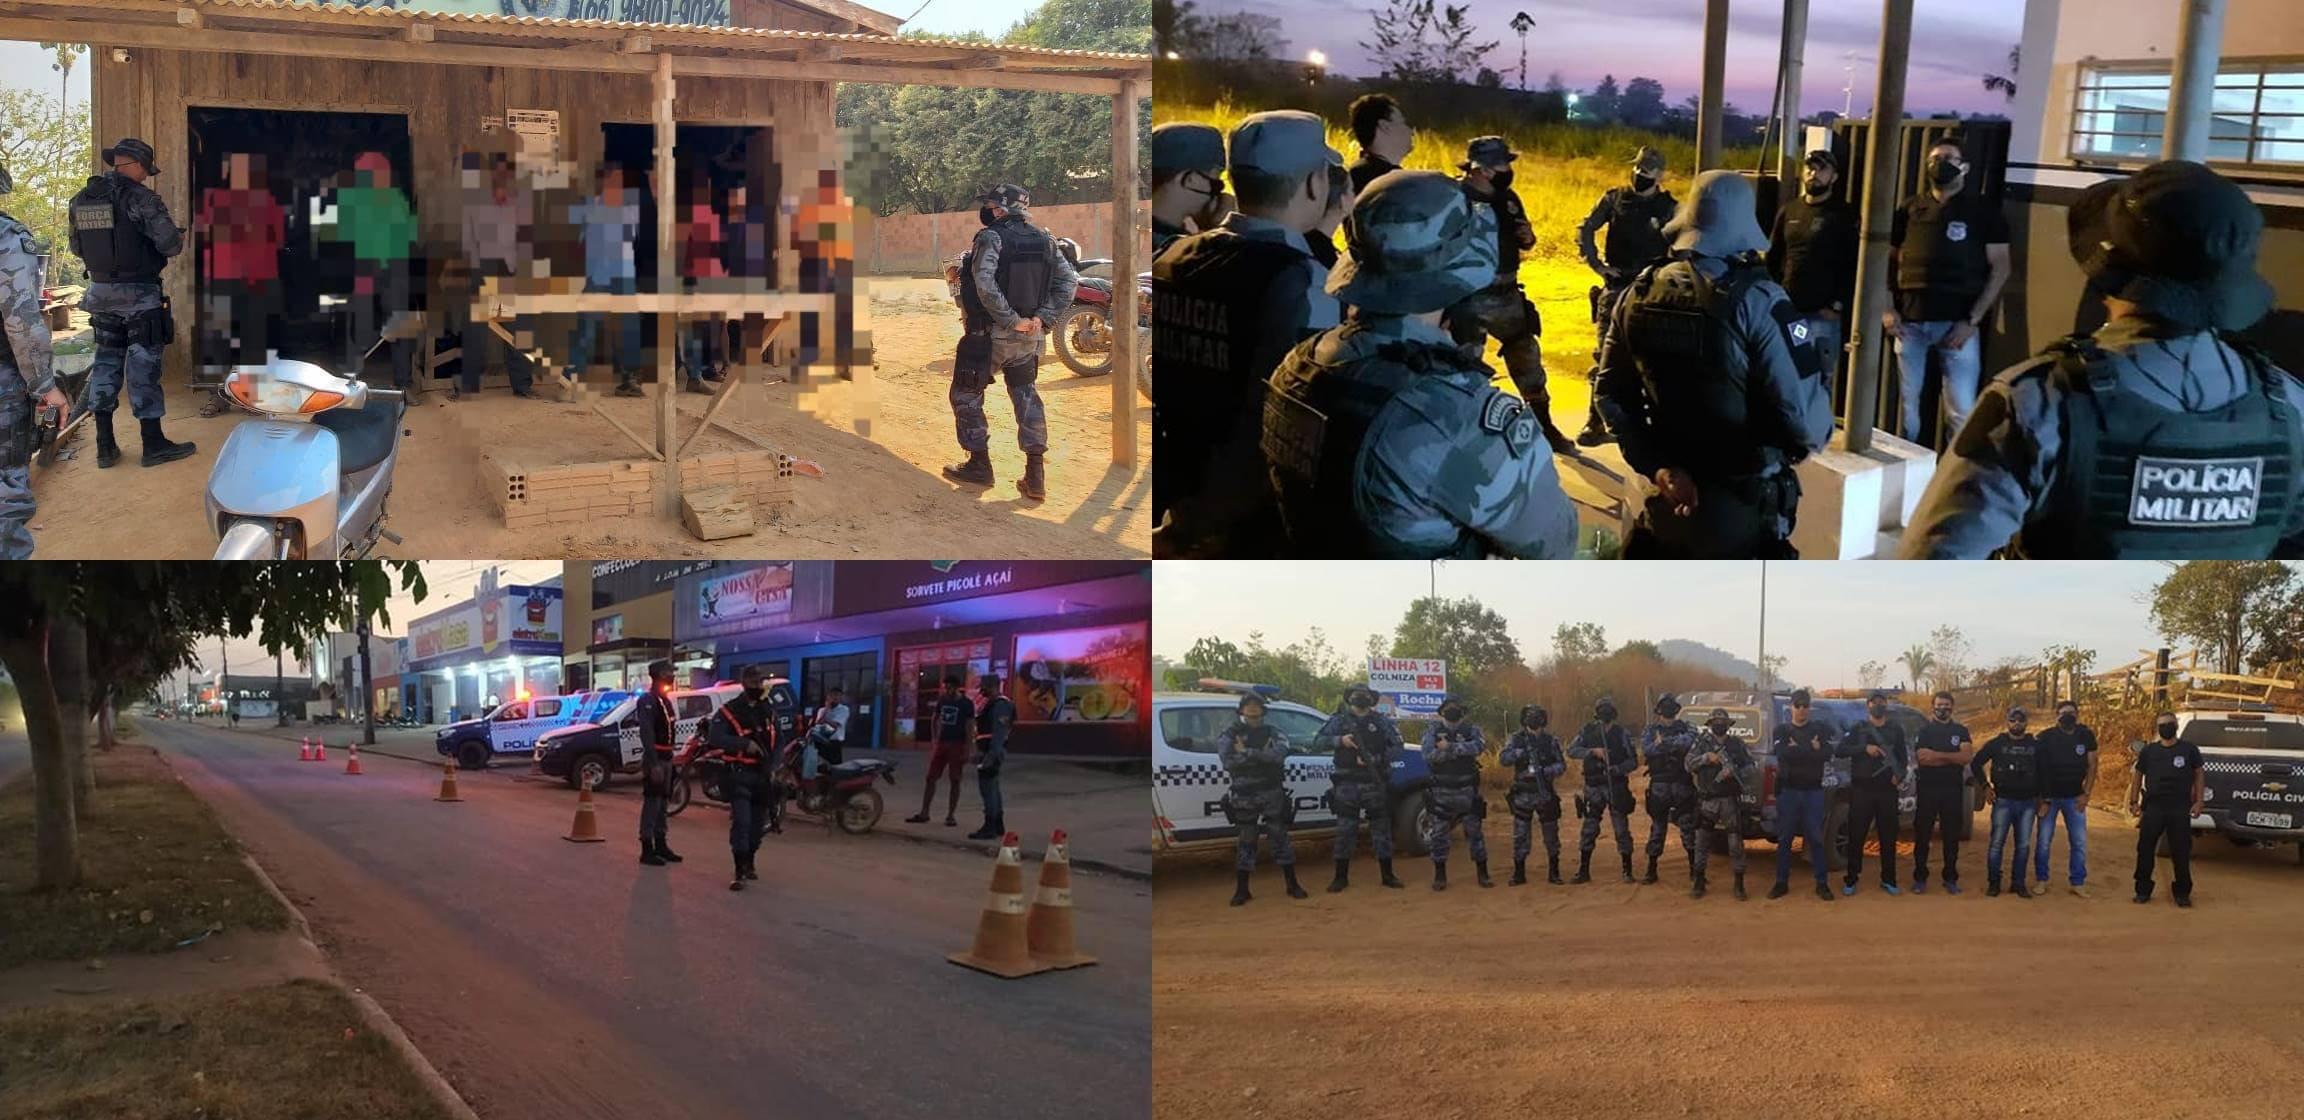 Operação integrada em Colniza resulta em apreensão de armas de fogo e prisão de criminosos